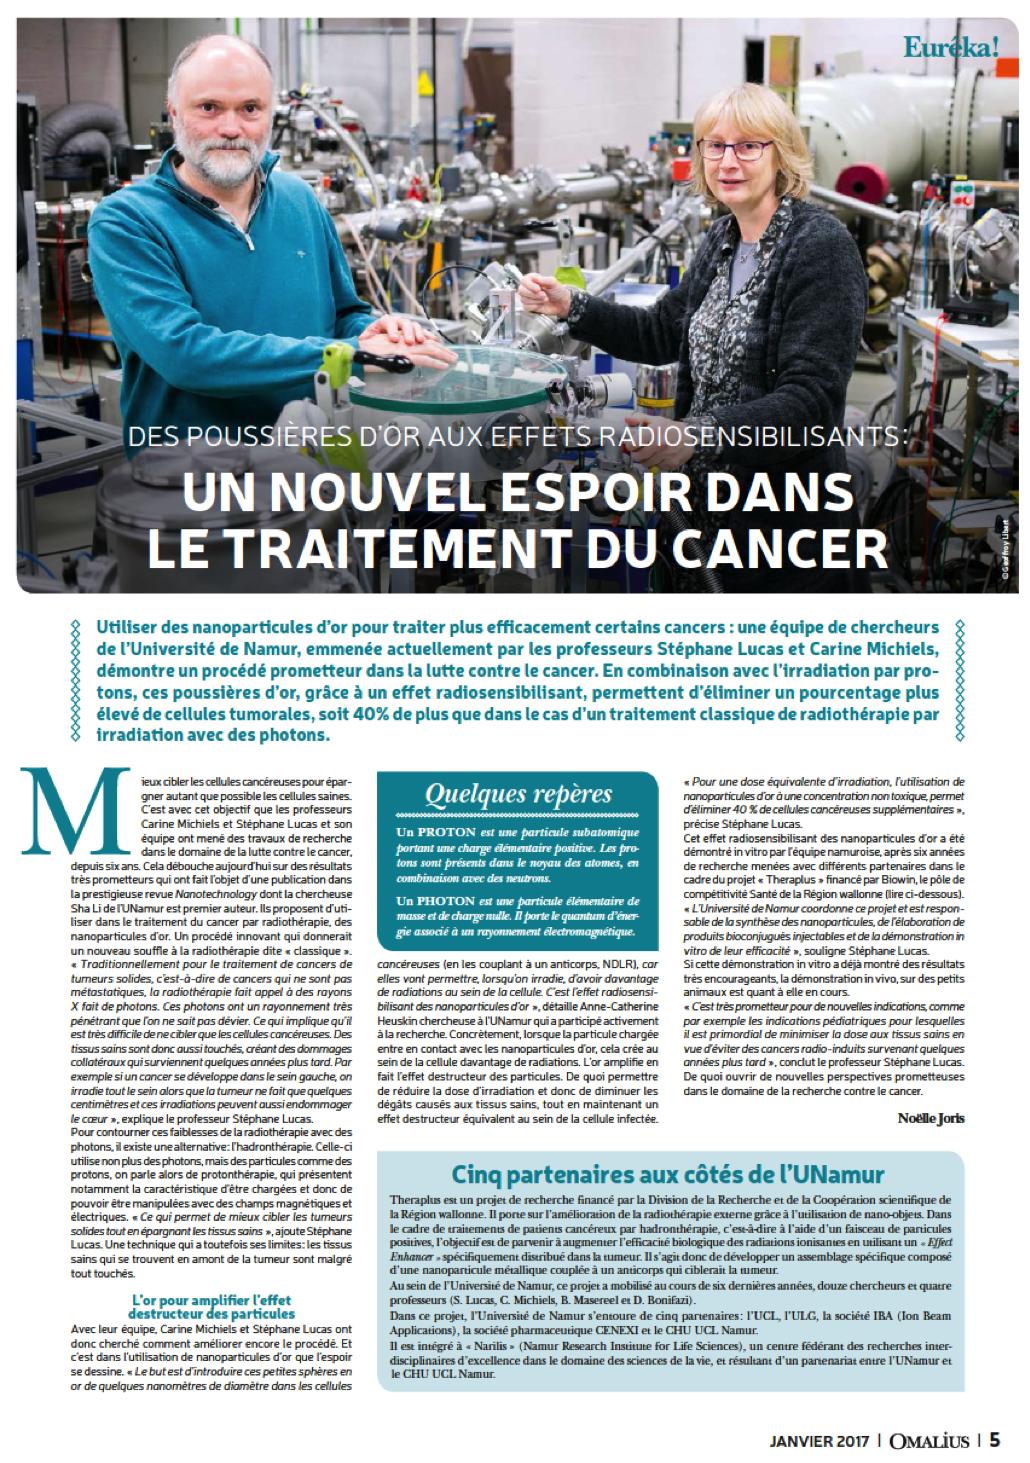 Un nouvel espoir dans le traitement du cancer